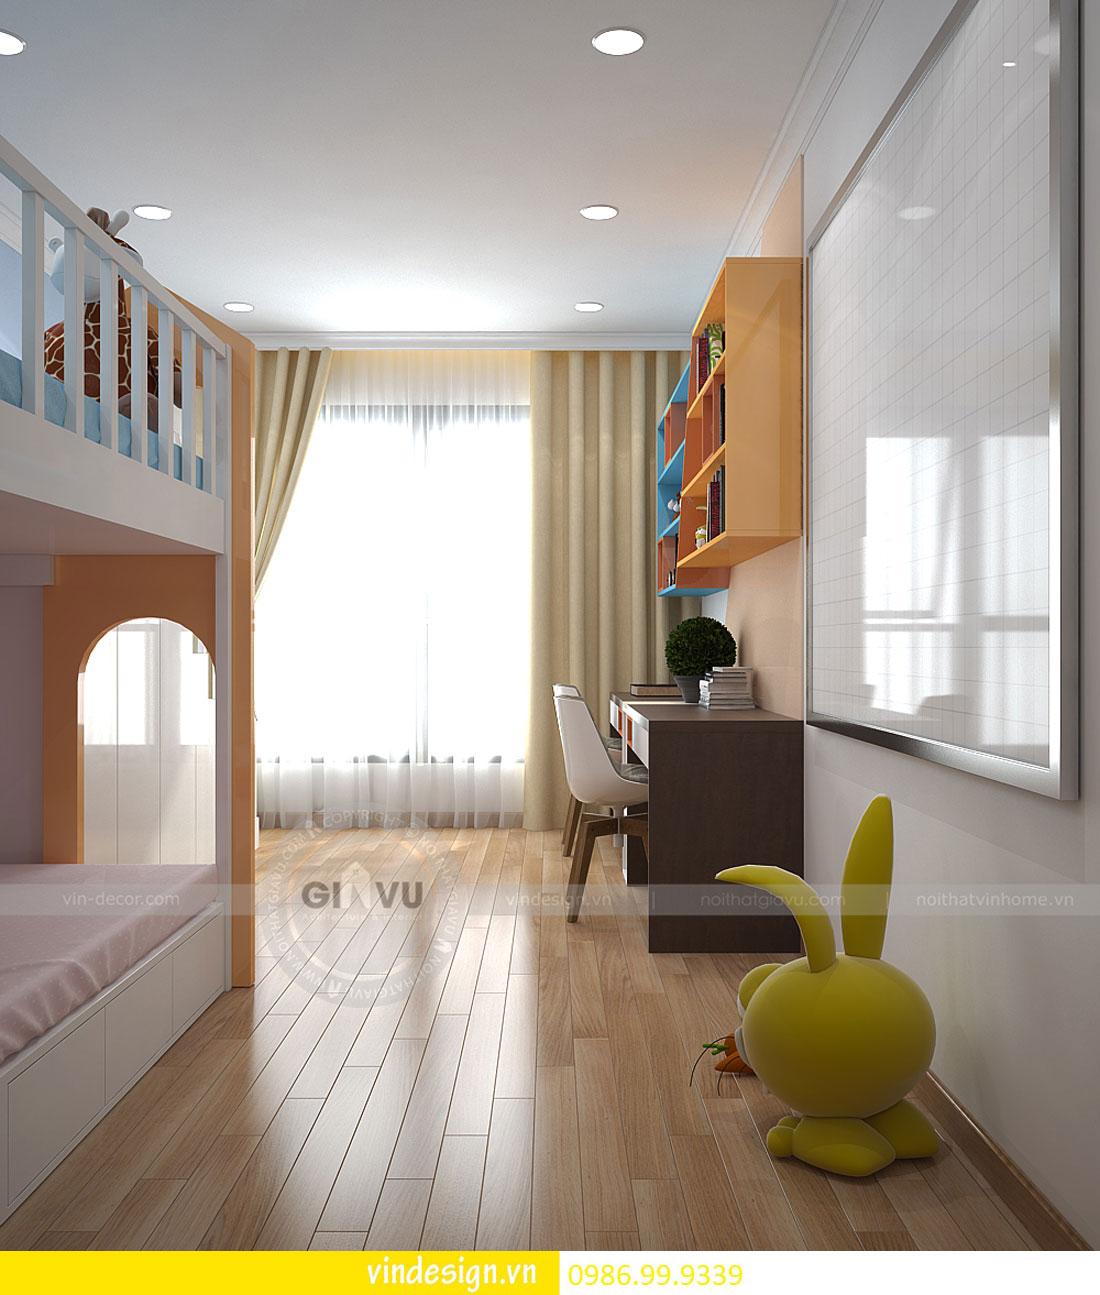 Mẫu thiết kế nội thất Gardenia căn 3 phòng ngủ hiện đại